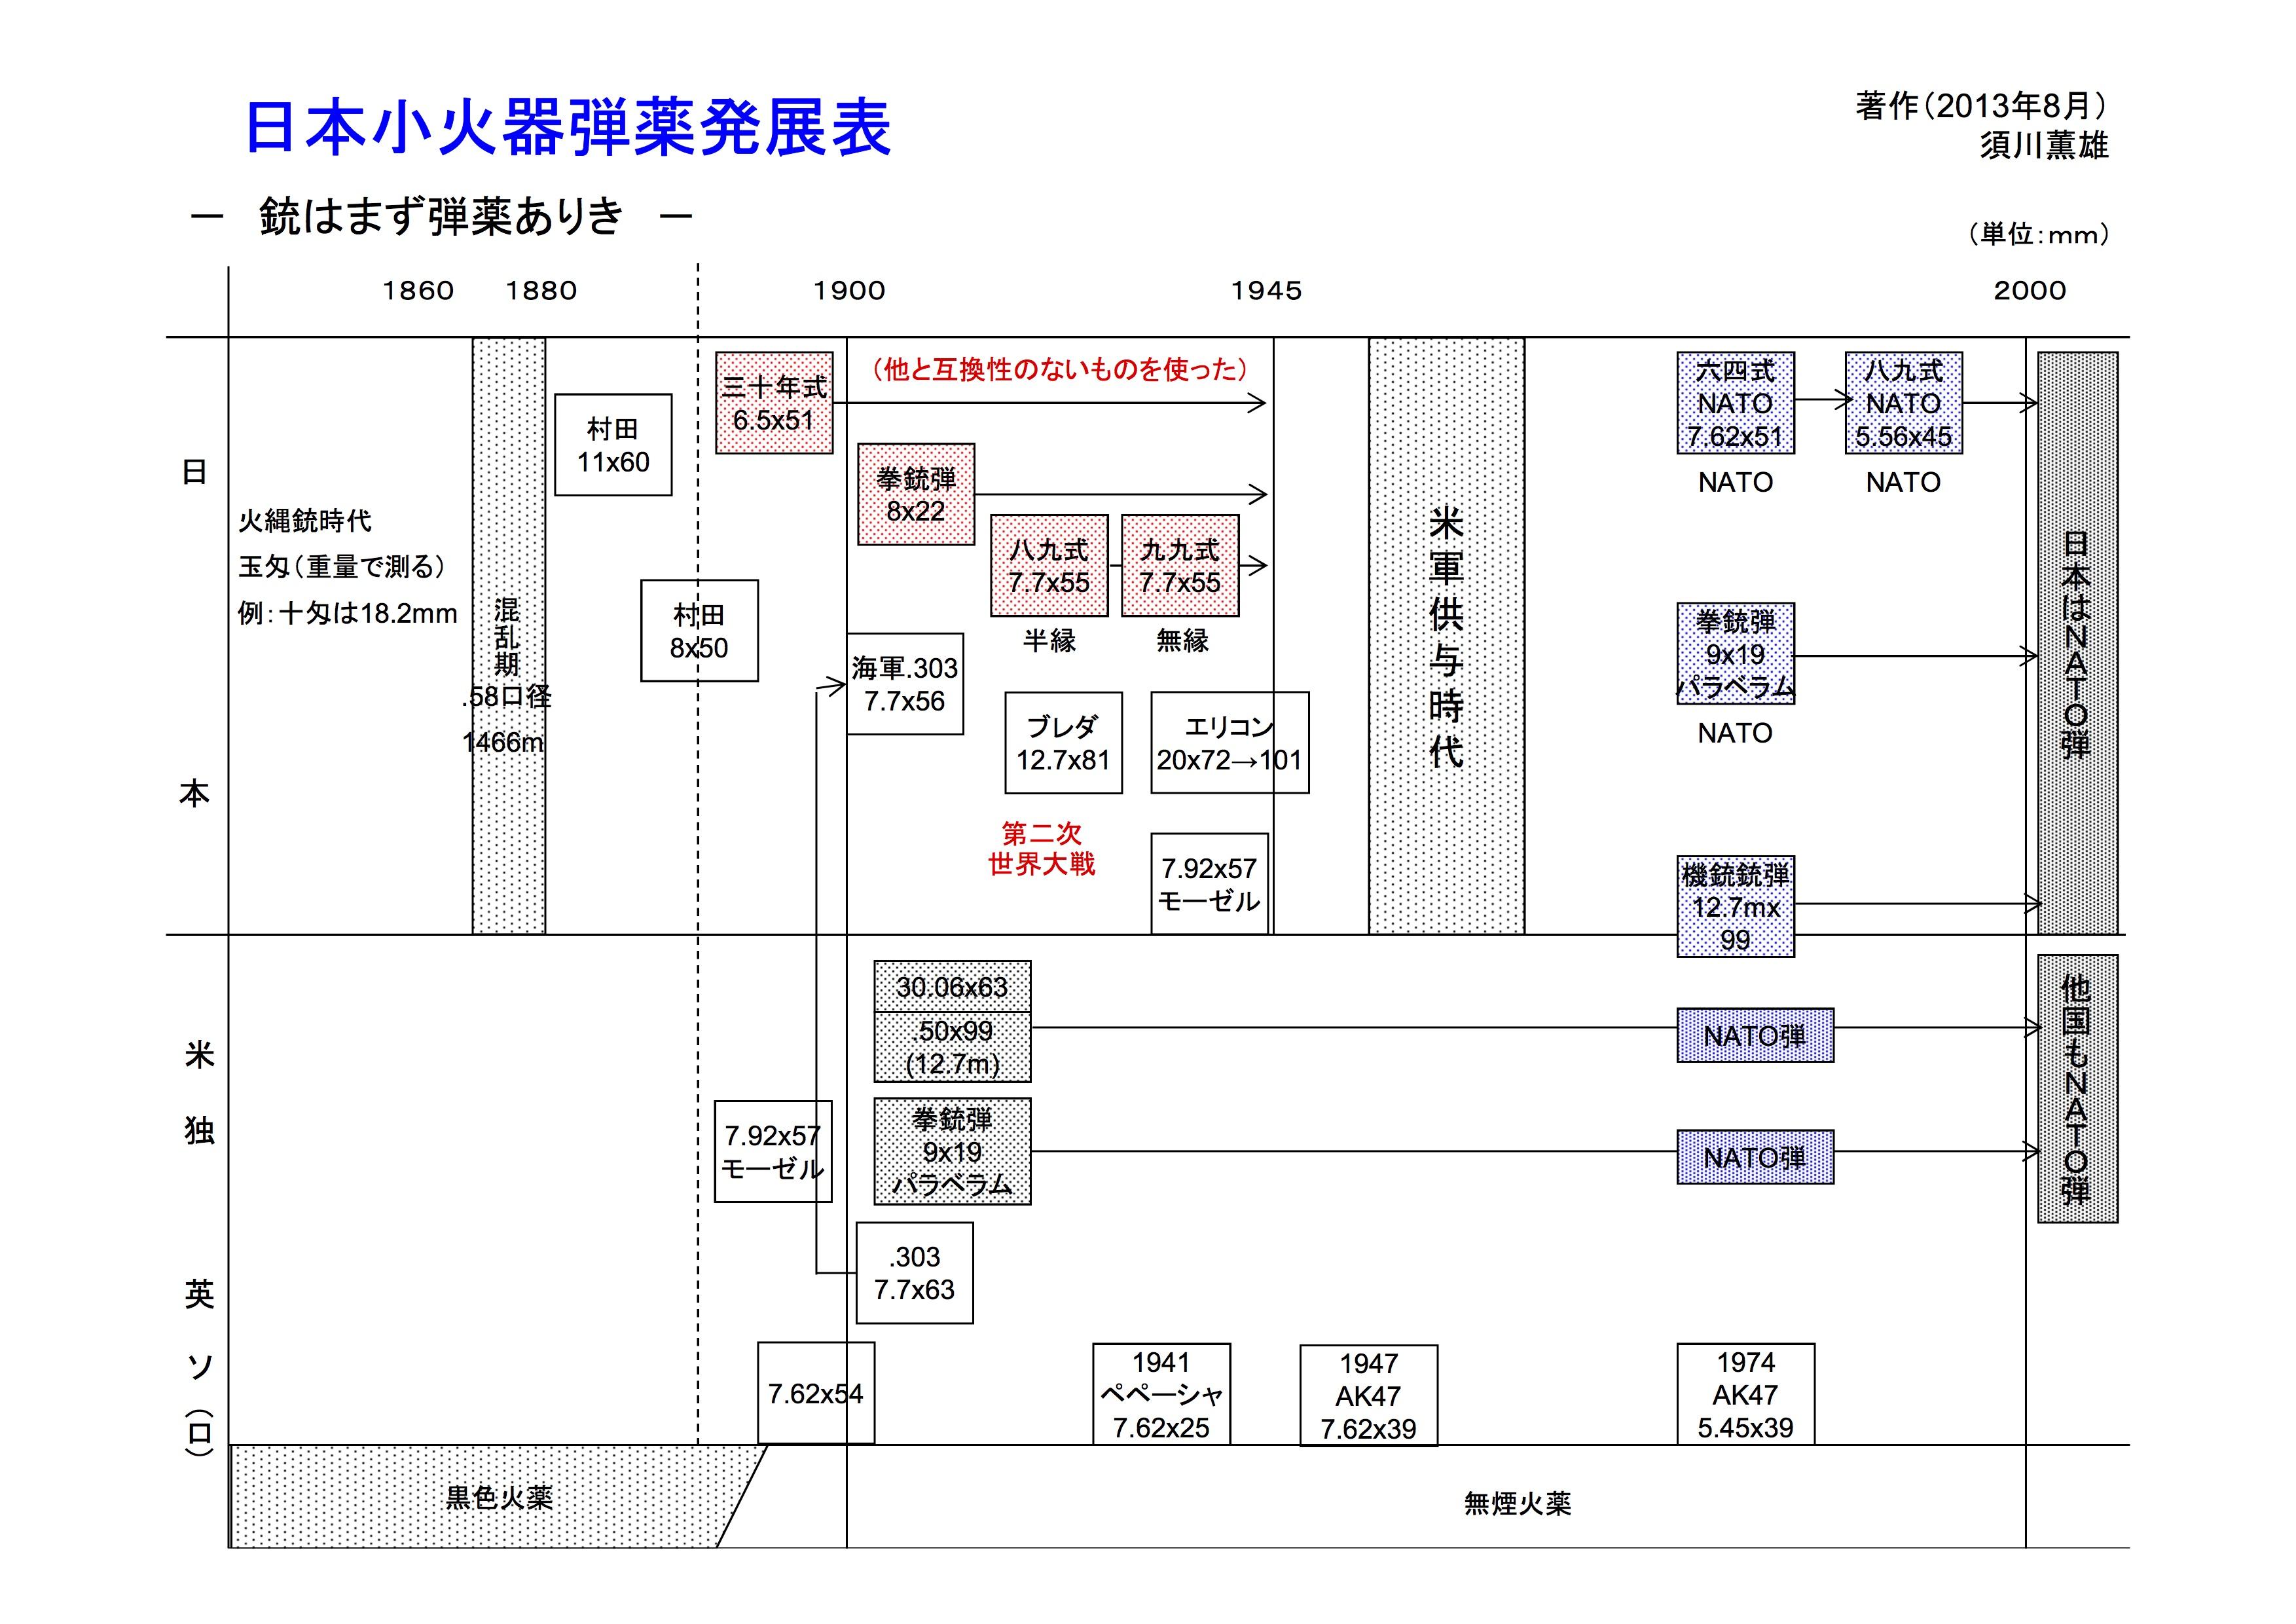 日本小火器弾薬発展表